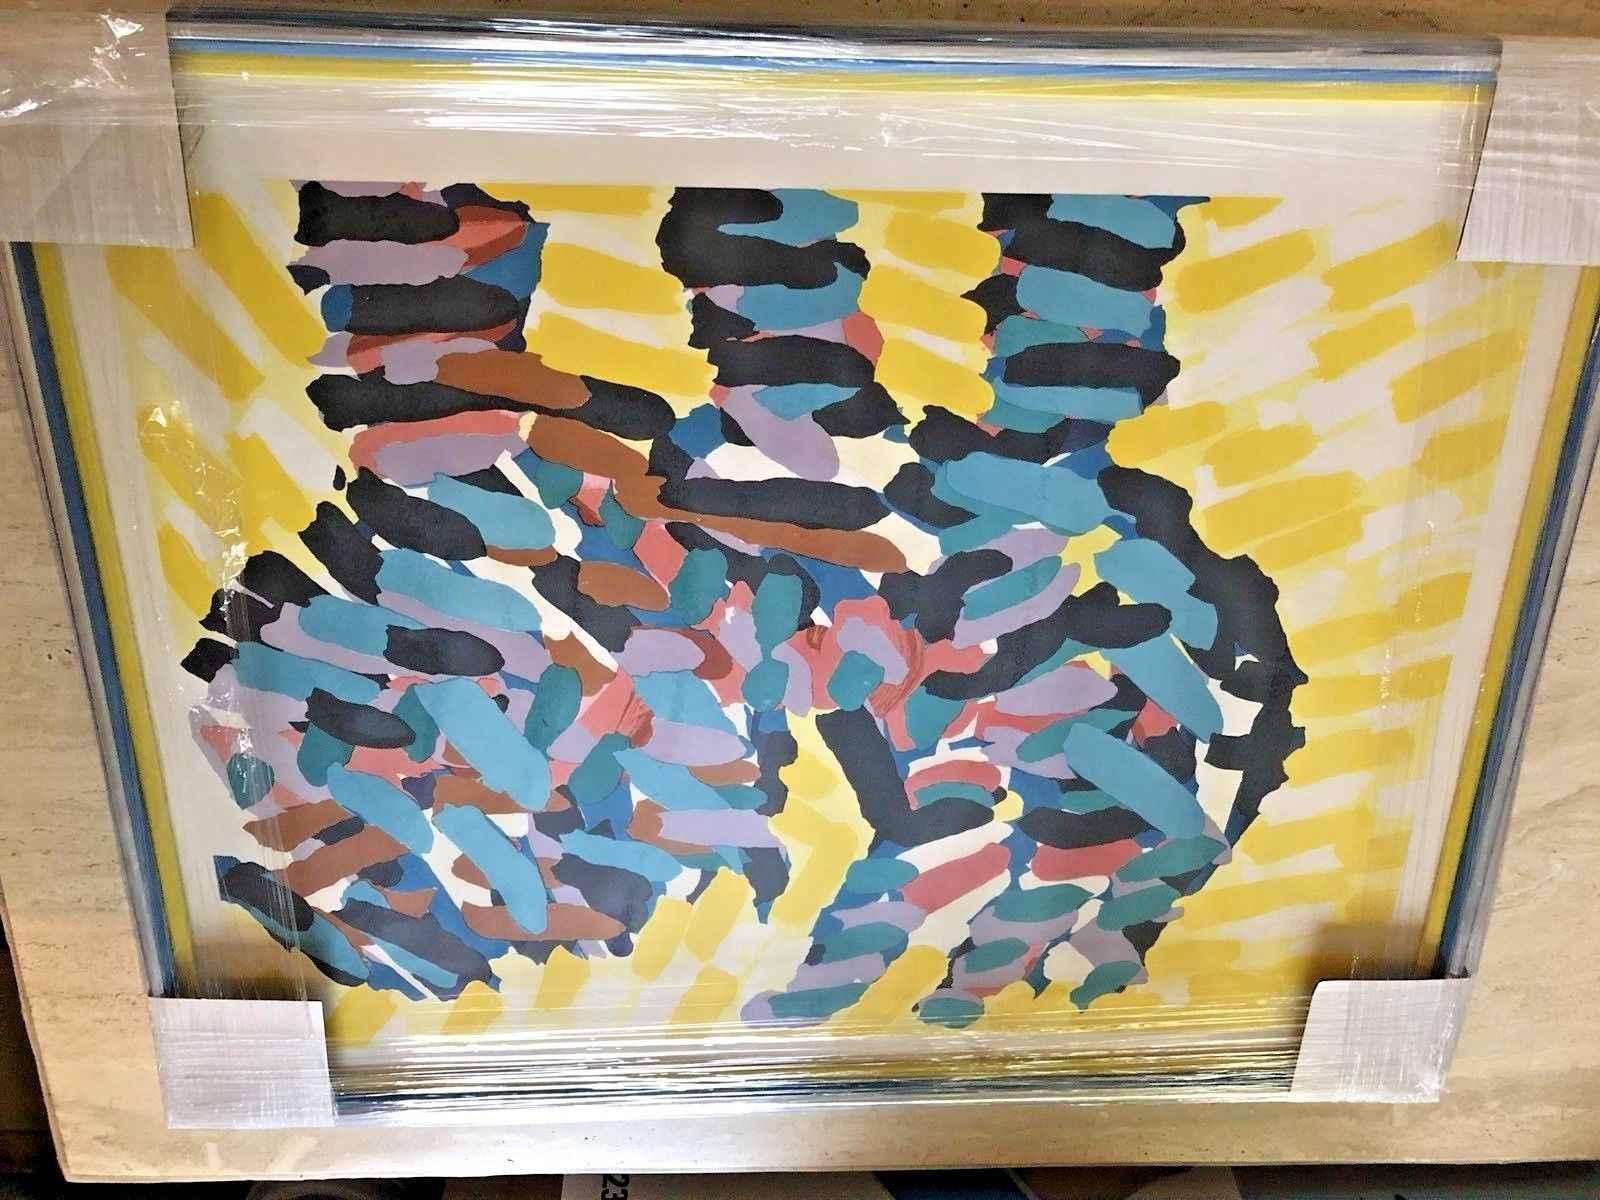 Ten by Appel by  Karel Appel - Masterpiece Online